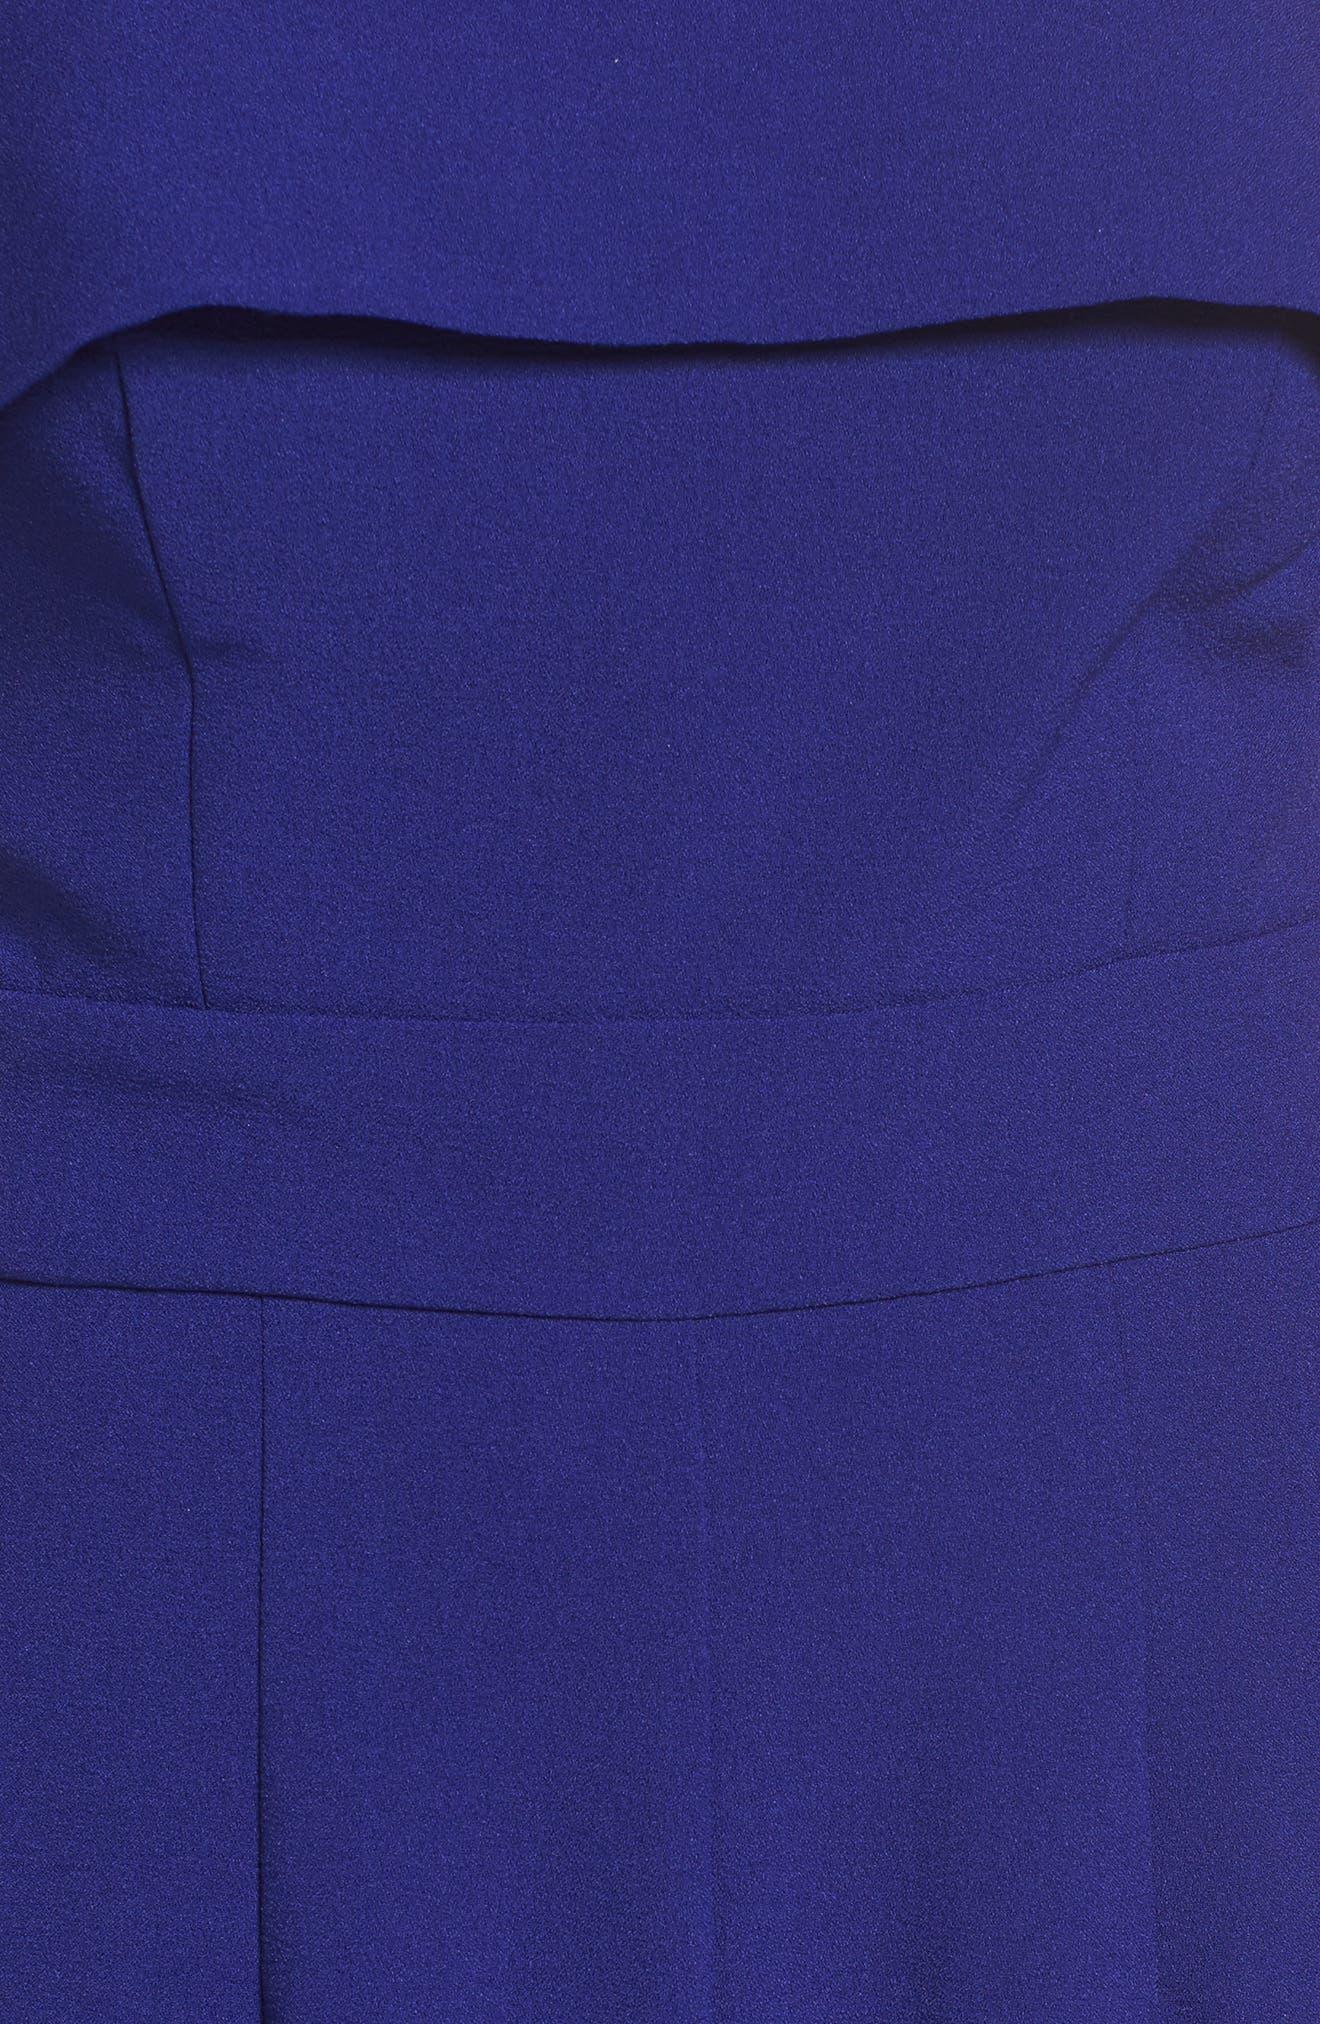 Strapless Jumpsuit,                             Alternate thumbnail 6, color,                             Cobalt